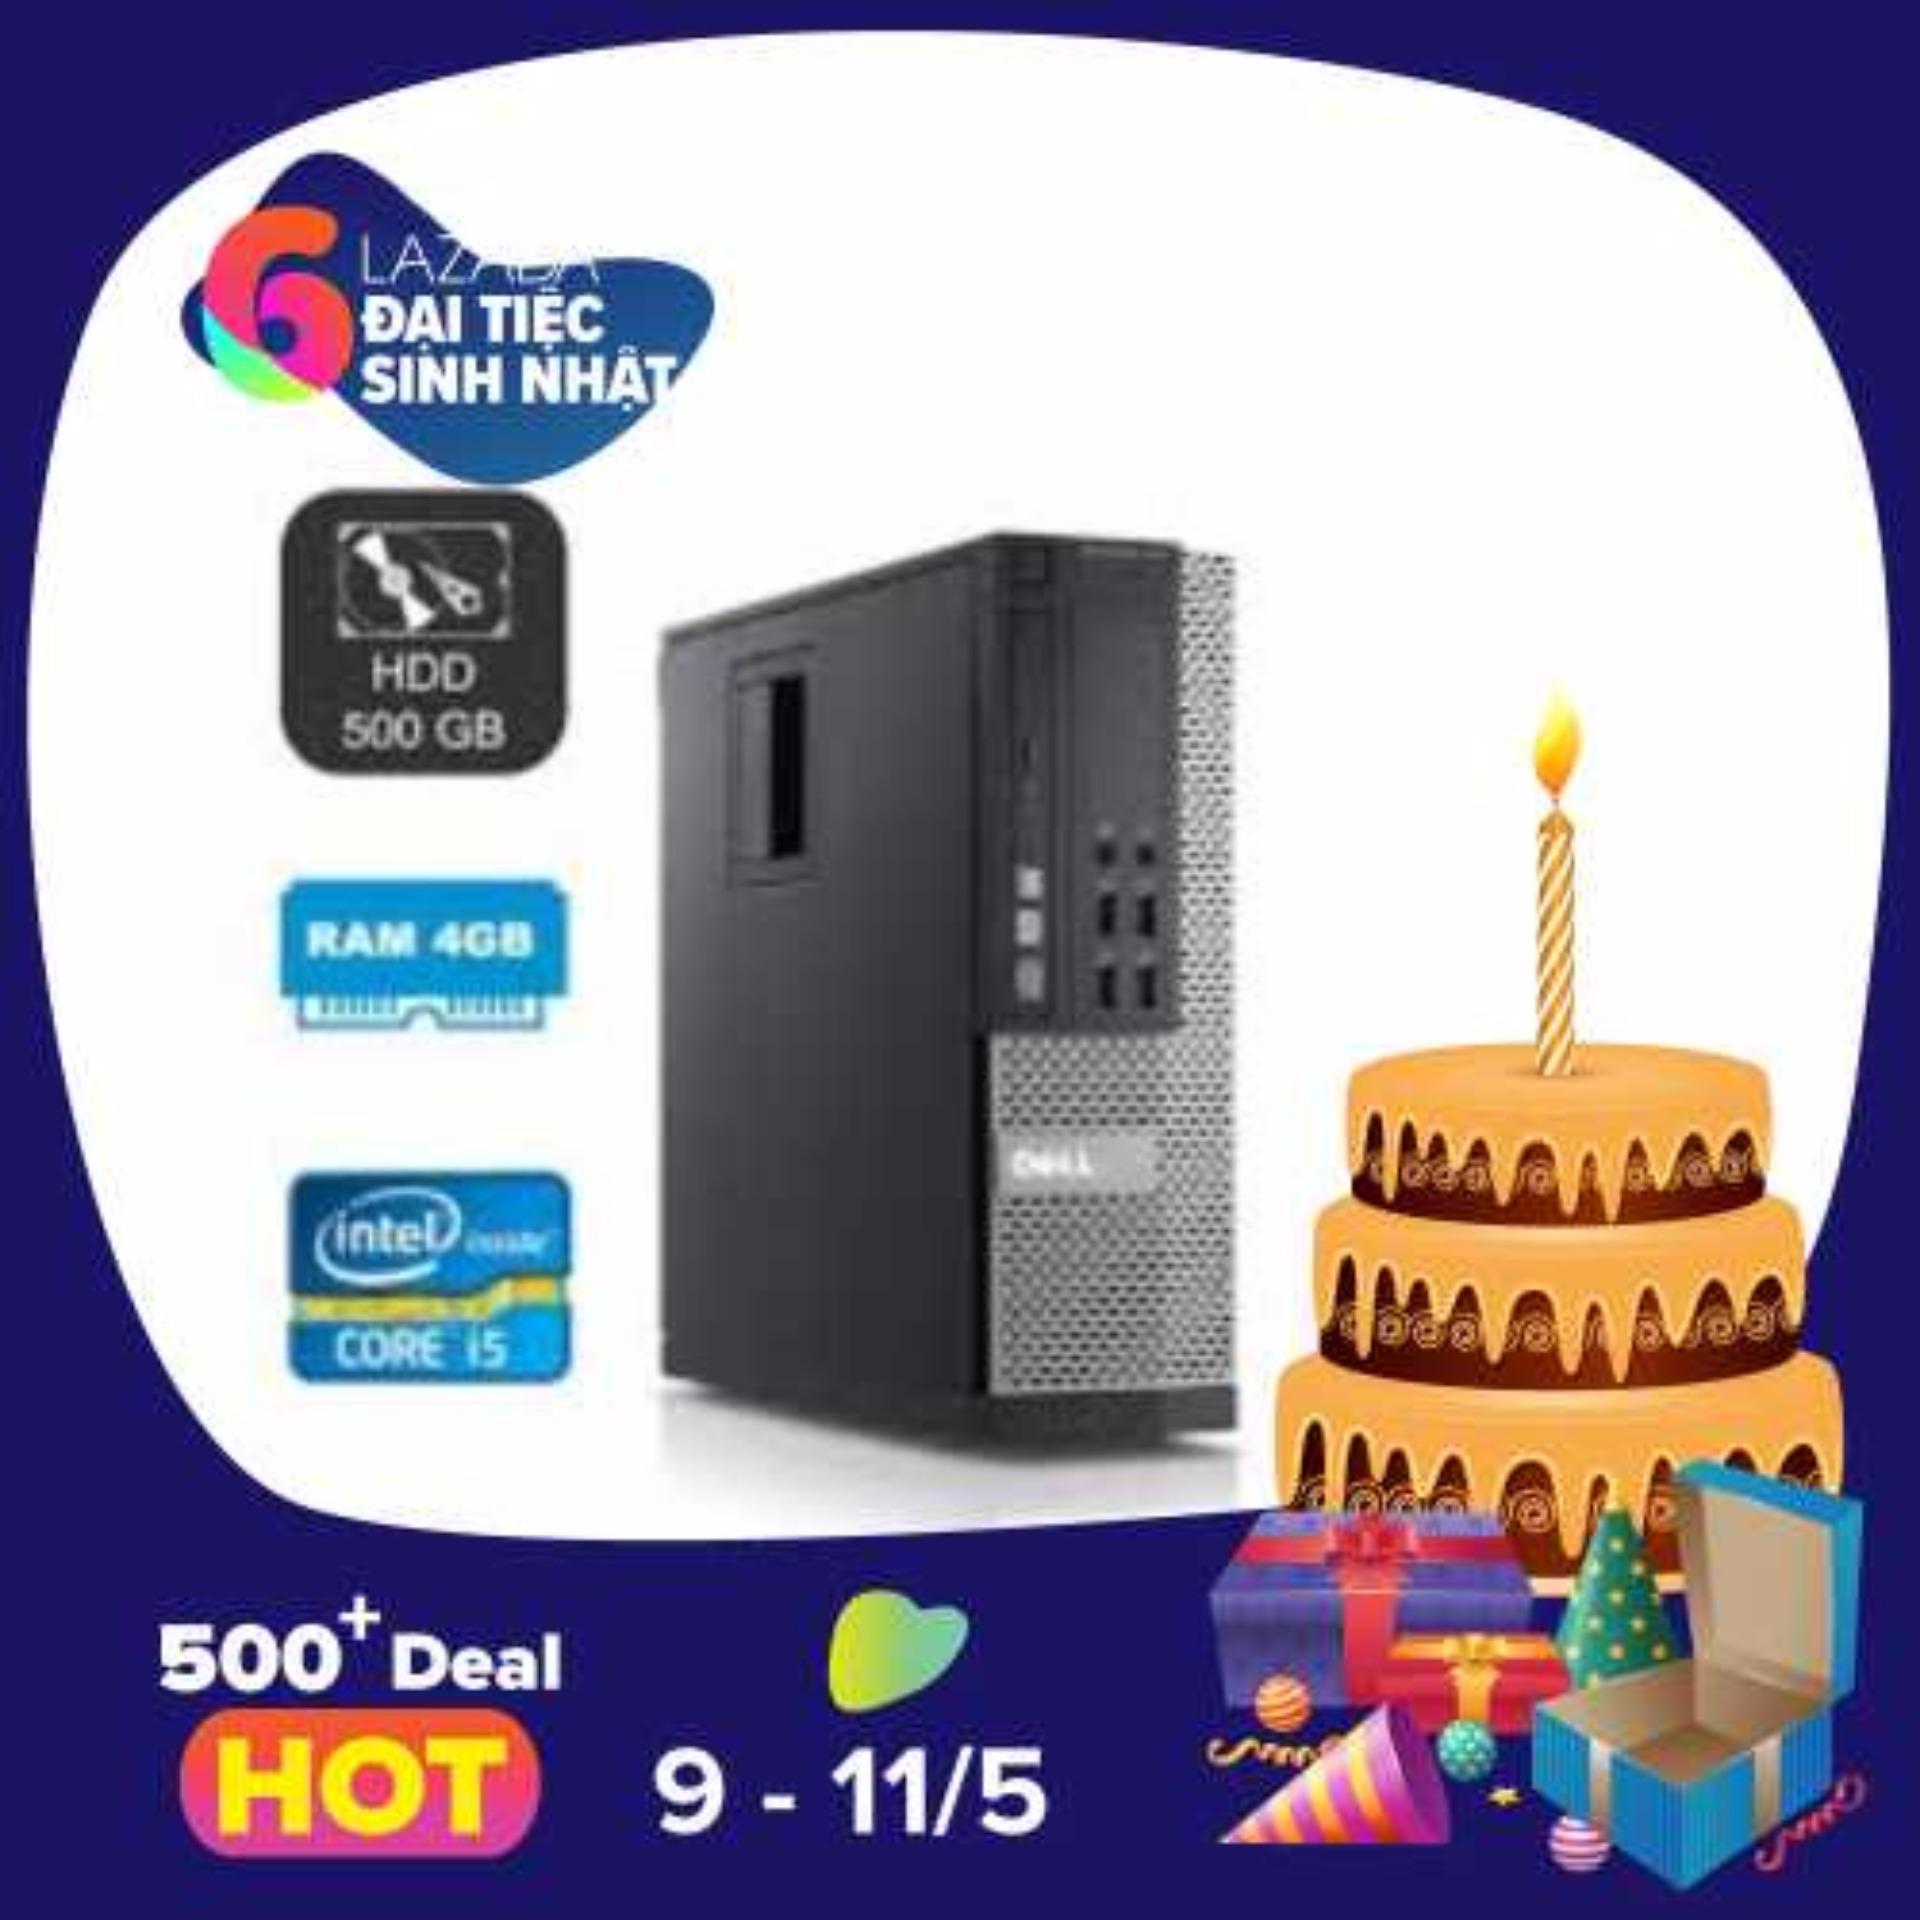 Bán May Tinh Đồng Bộ Dell Optiplex 990 Core I5 Ram 4Gb Hdd 500Gb Dell Có Thương Hiệu